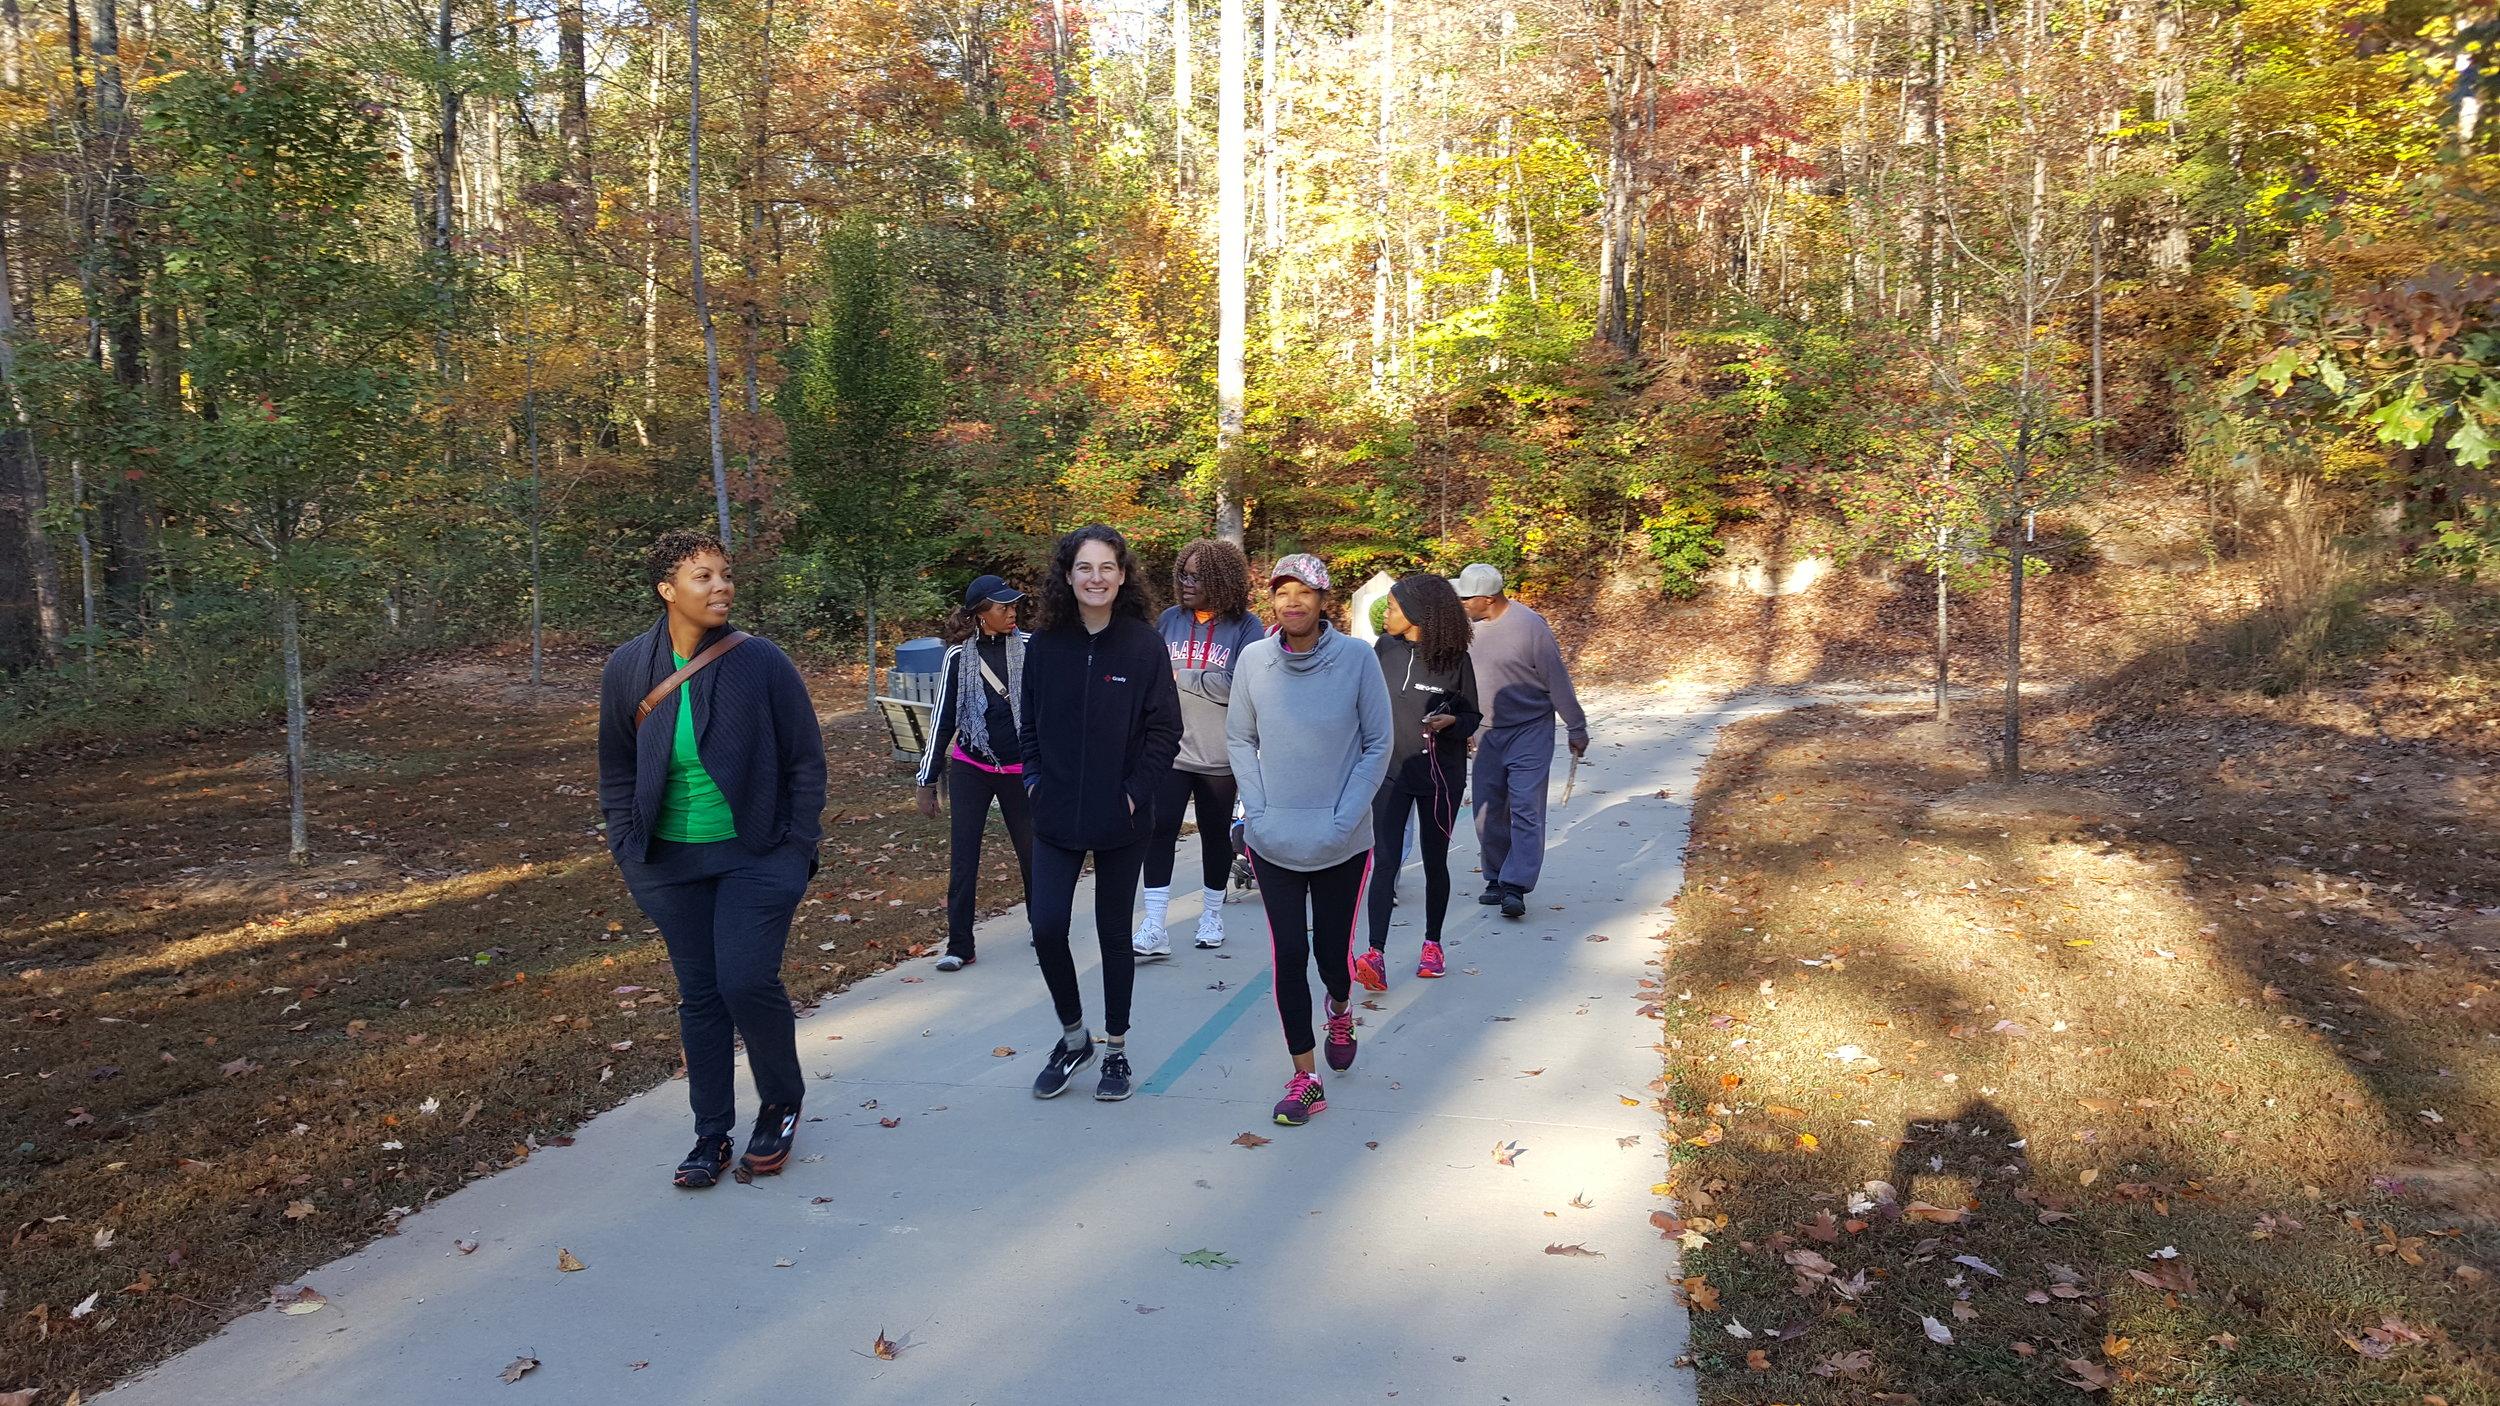 On the Lionel Hampton Trail